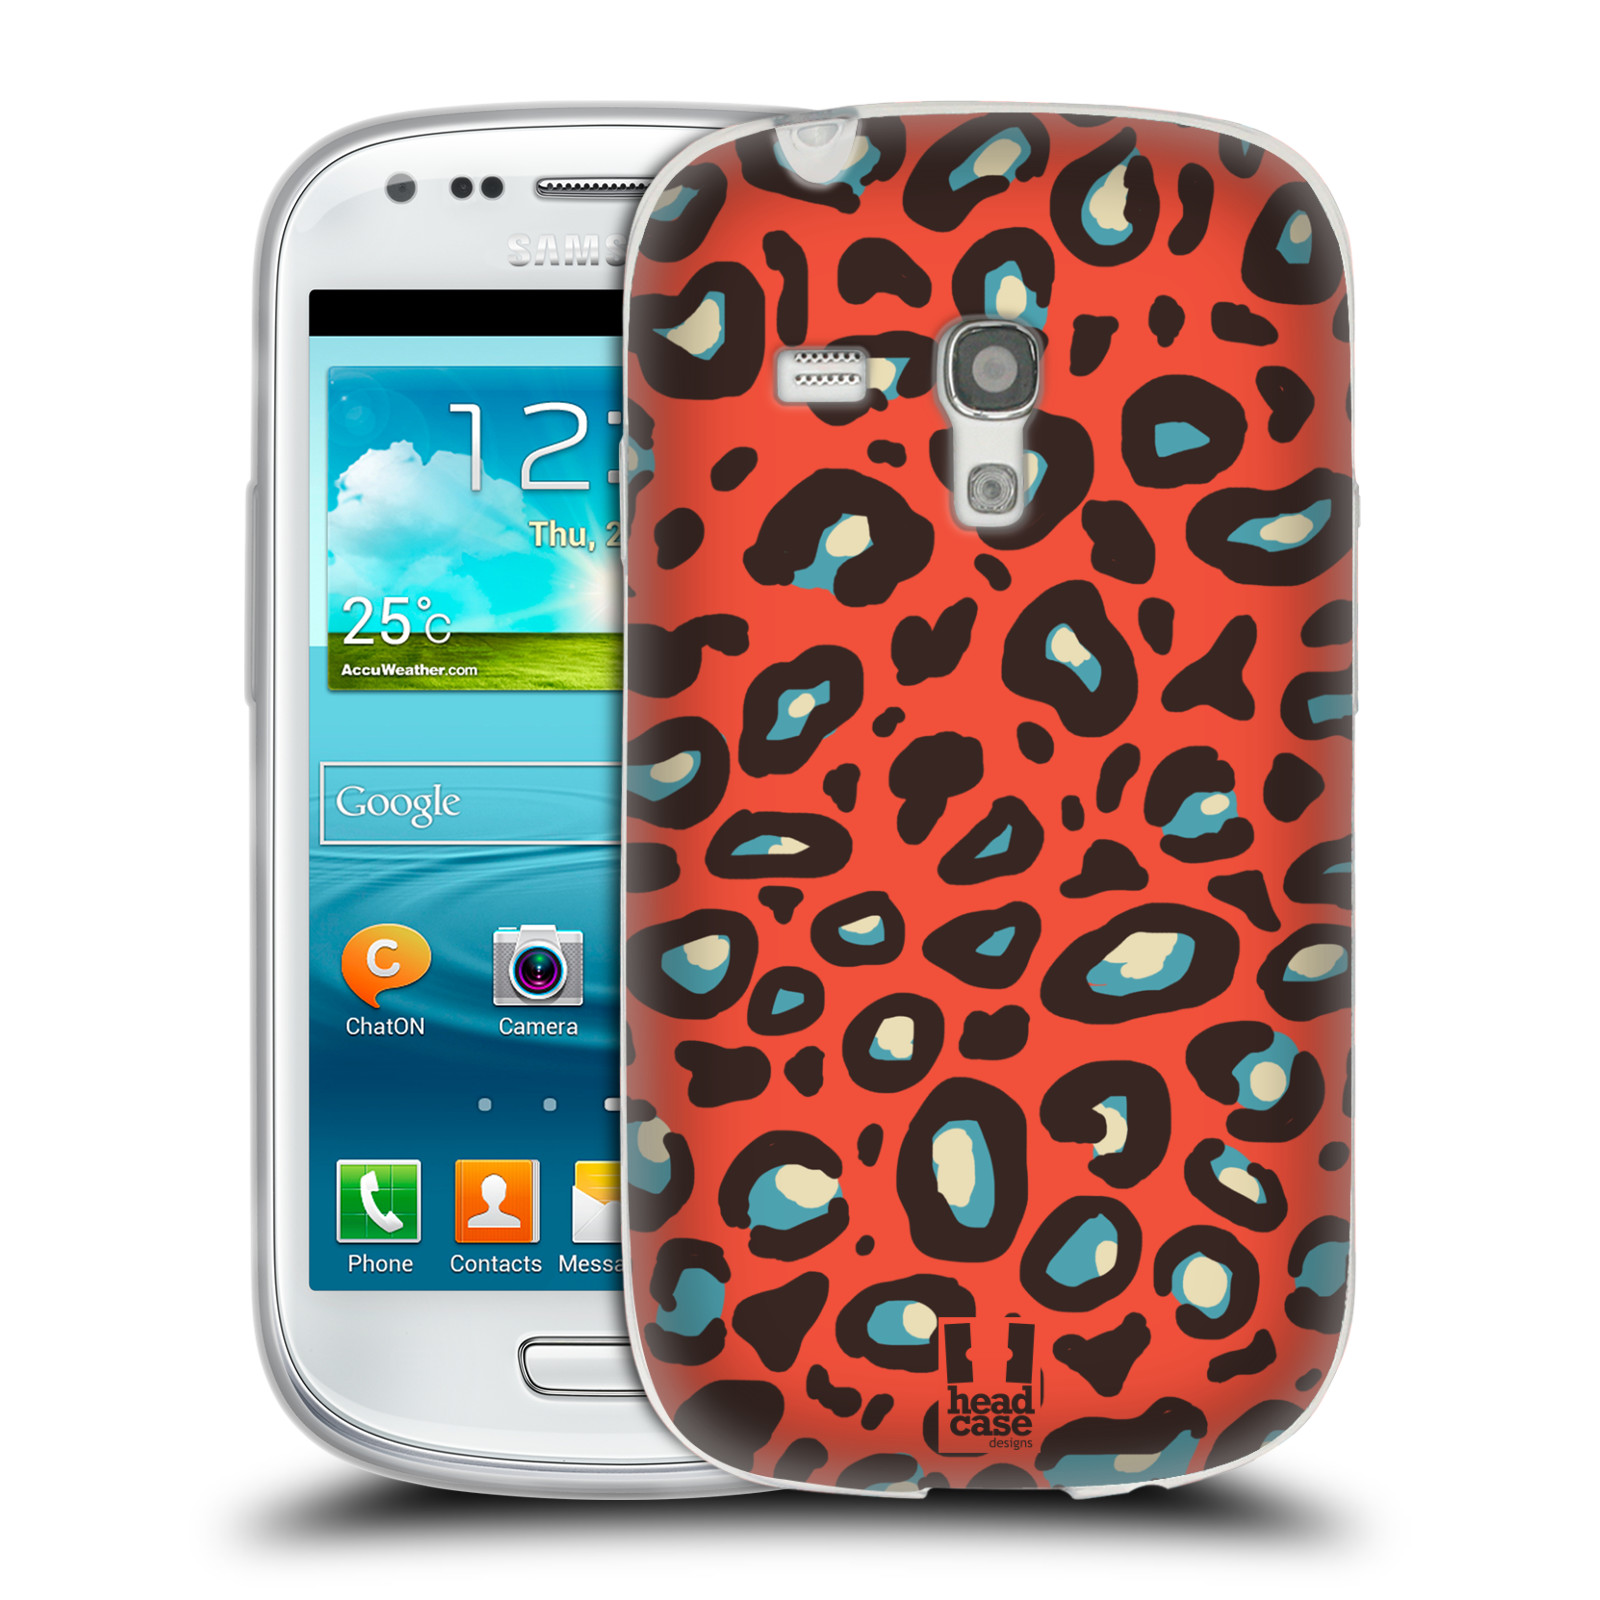 HEAD CASE silikonový obal na mobil Samsung Galaxy S3 MINI i8190 vzor Divočina zvíře 2 oranžový leopard